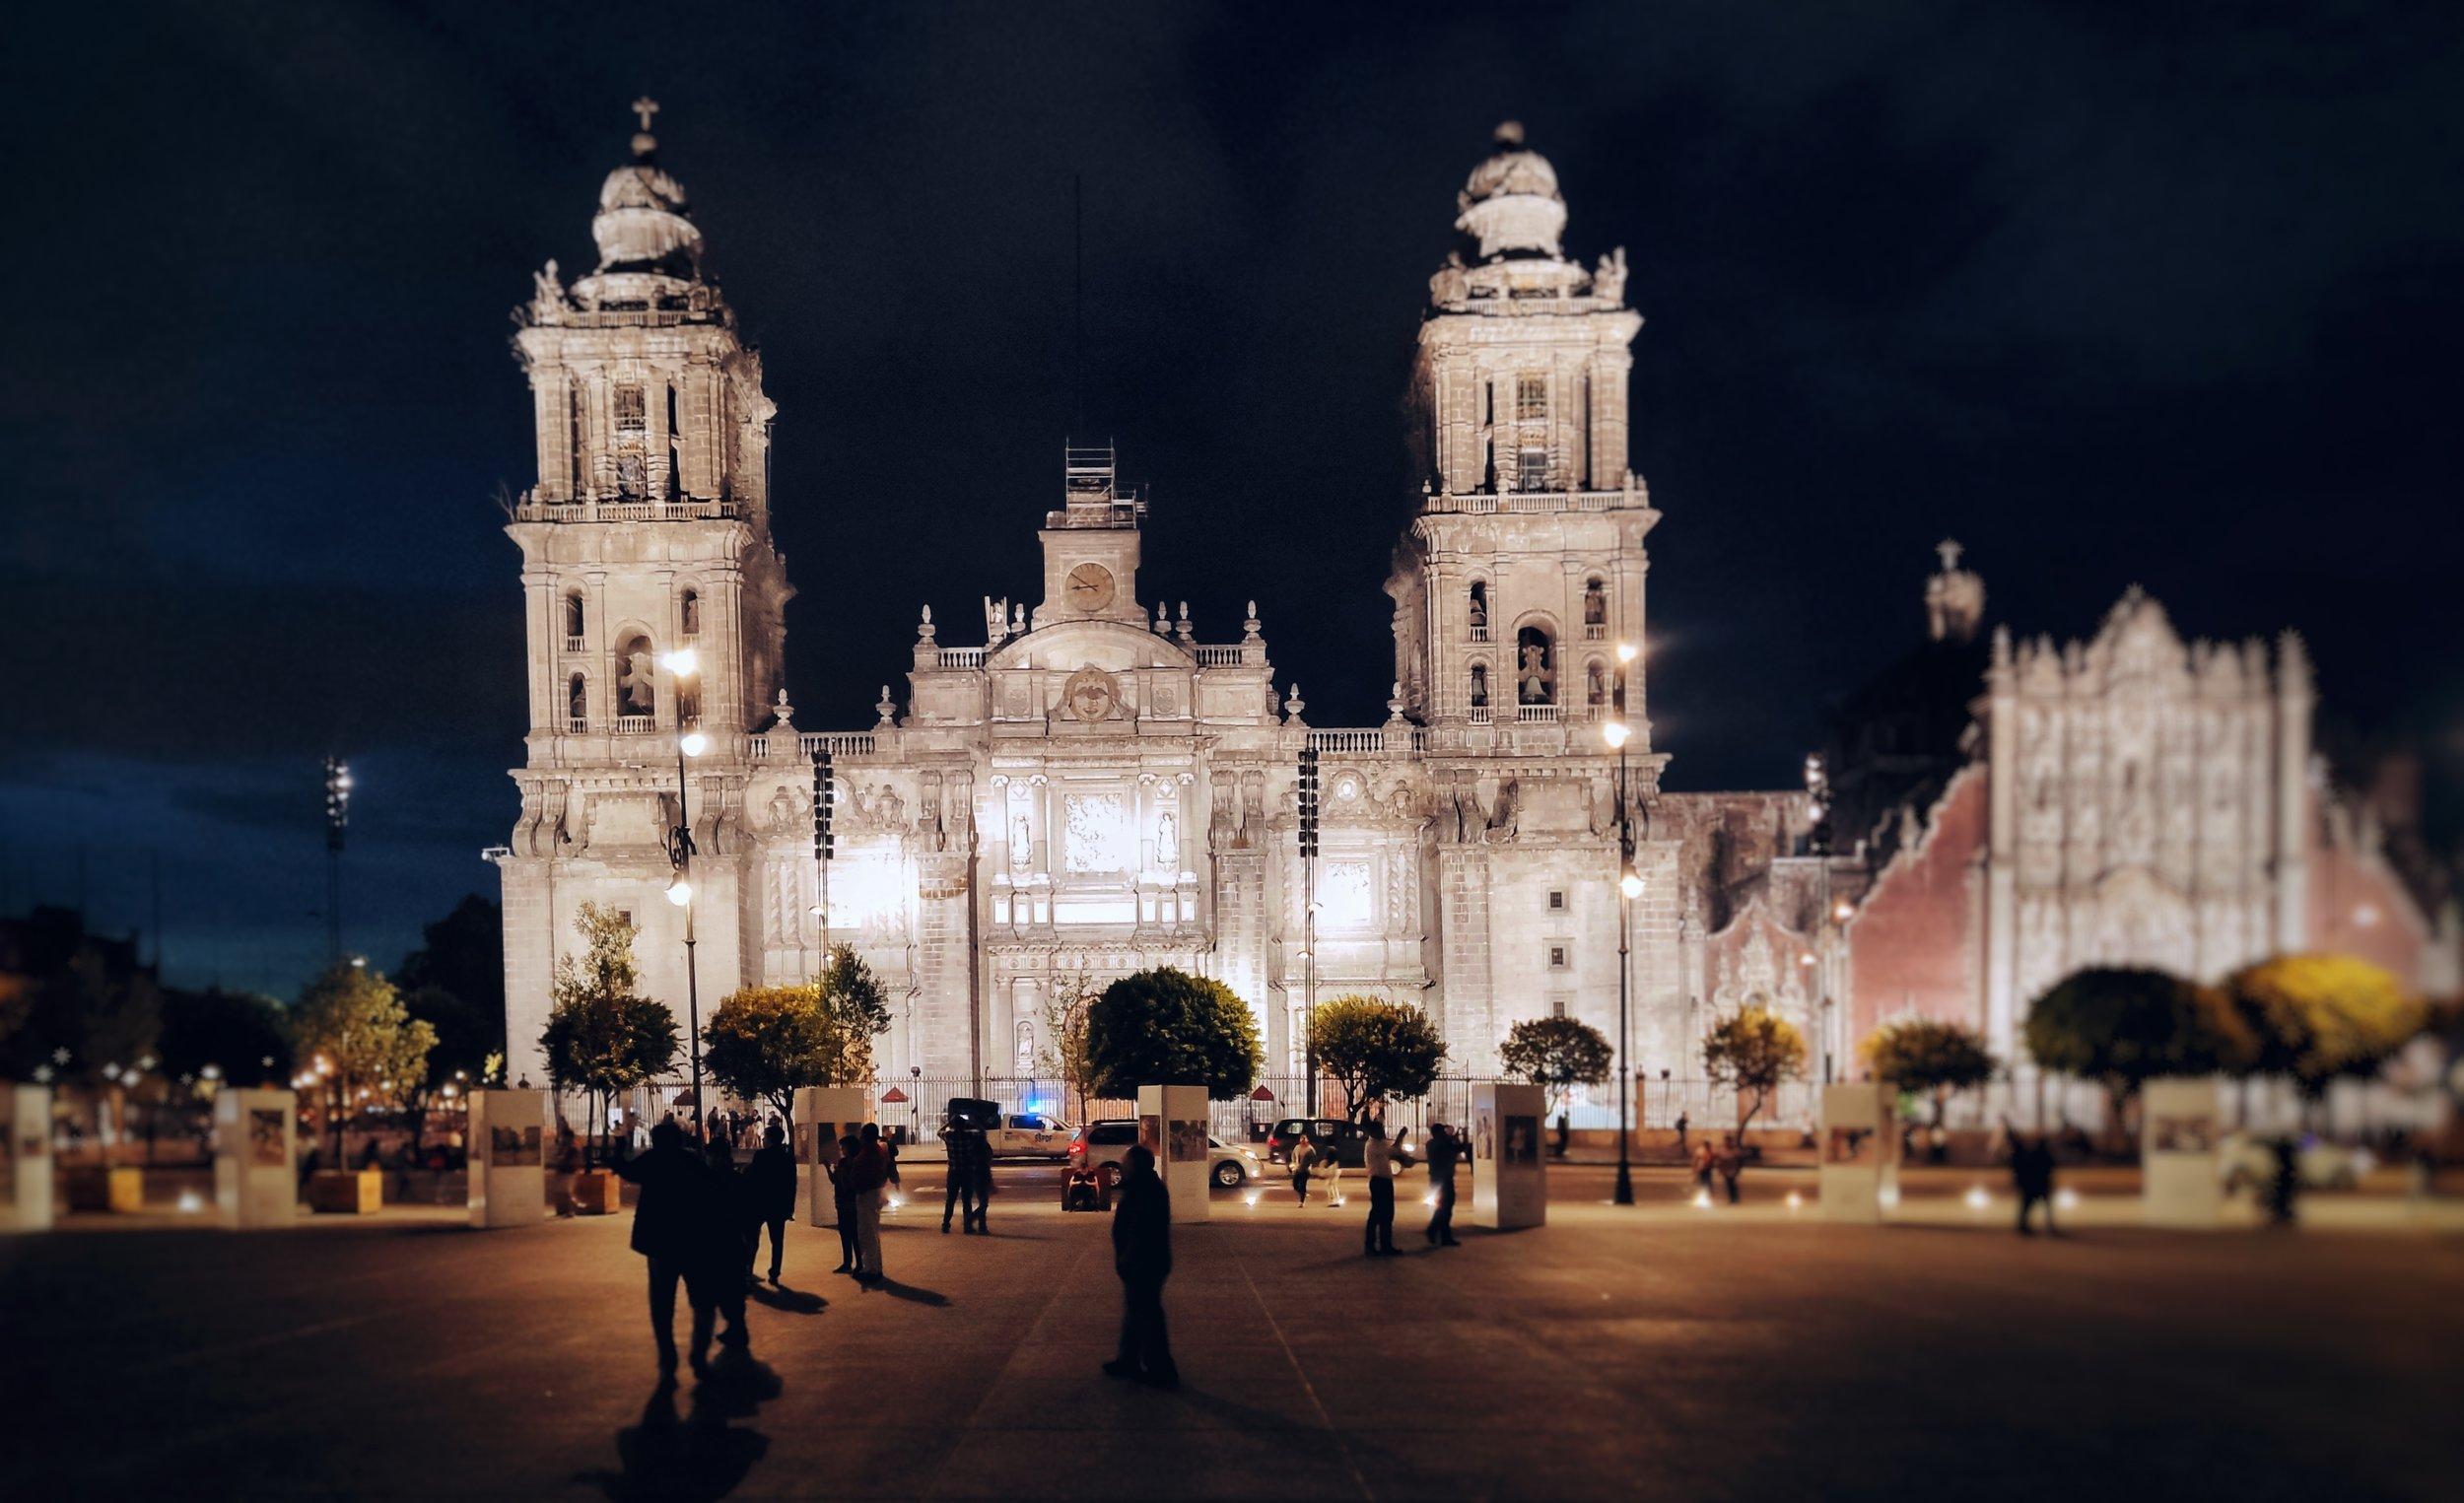 Ciudad de México - La capital mexicana es un baluarte de valor incalculable. Una ciudad rica en historia, desde sus museos pasando por su Palacio de Bellas Artes, el Zócalo y la casa de Frida Kahlo, esta ciudad es una joya de la cultura latinoamericana. Desde aquí podrás visitar las pirámides de Teotihuacán o las hermosas ciudades de Puebla o Taxco. Sus Barrios de la Condesa o Polanco son lugares que te mostrarán el alma viva de una ciudad que nunca duerme. Aquí puedes conseguir hospedajes desde $55 a$95 por noche en áreas tan céntricas como la zona rosa.